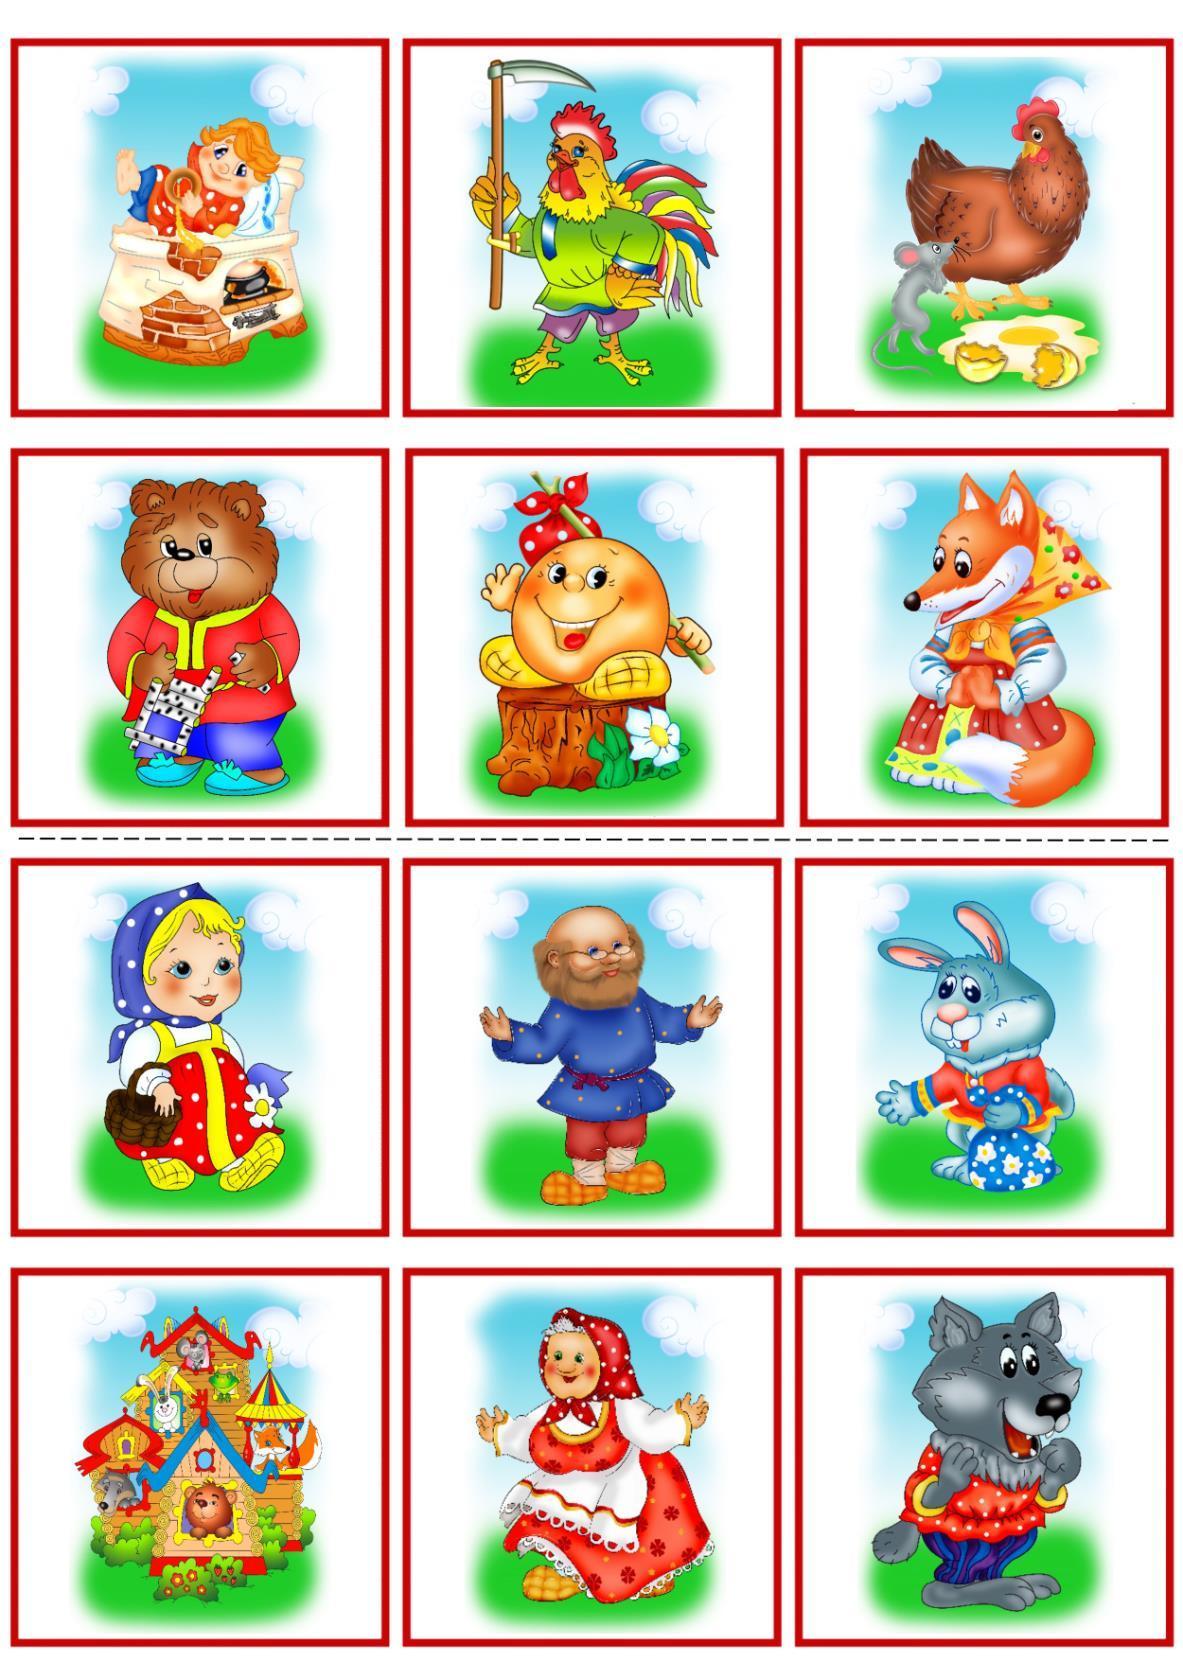 36d7a36e12ac1f Давайте пограємось з зайчиком гру « Зайчик сіренький сидить»( діти вдягають  маски)